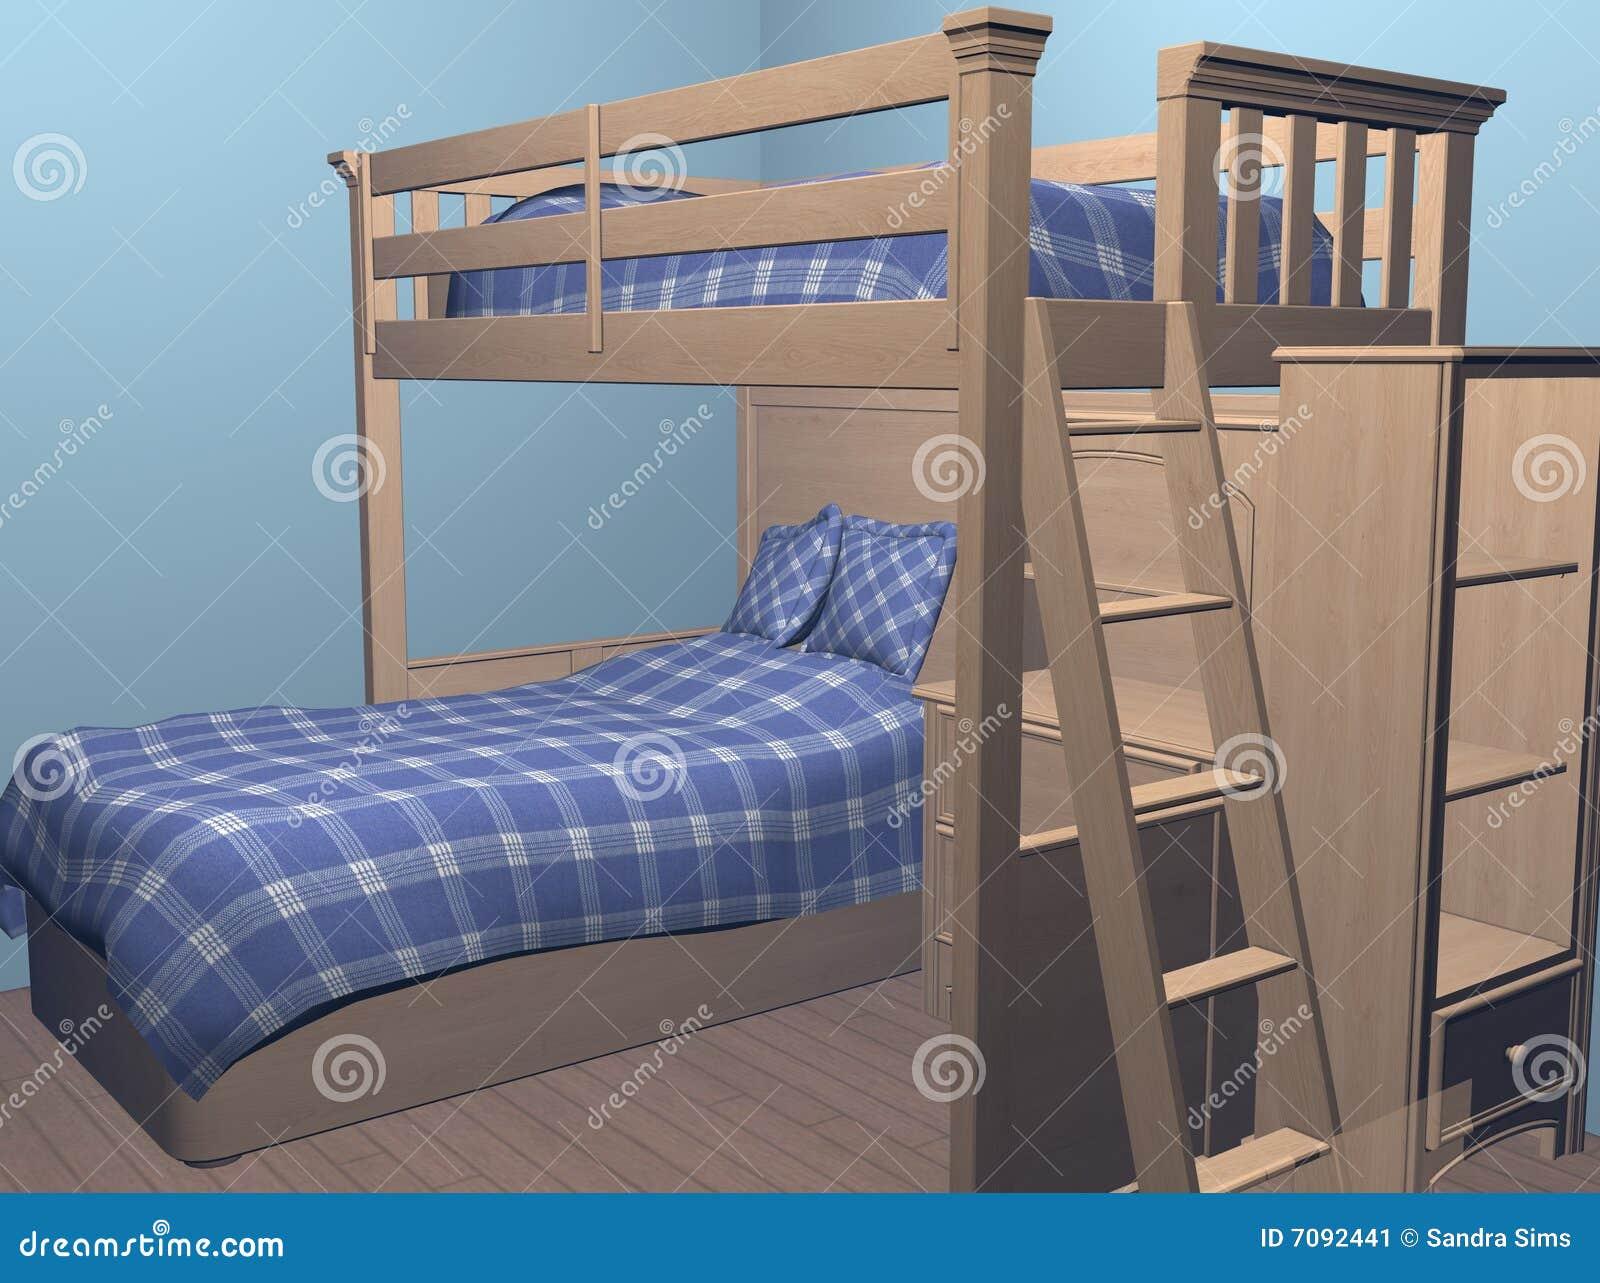 Jungen schlafzimmer stockbild bild 7092441 - Jungen schlafzimmer ...